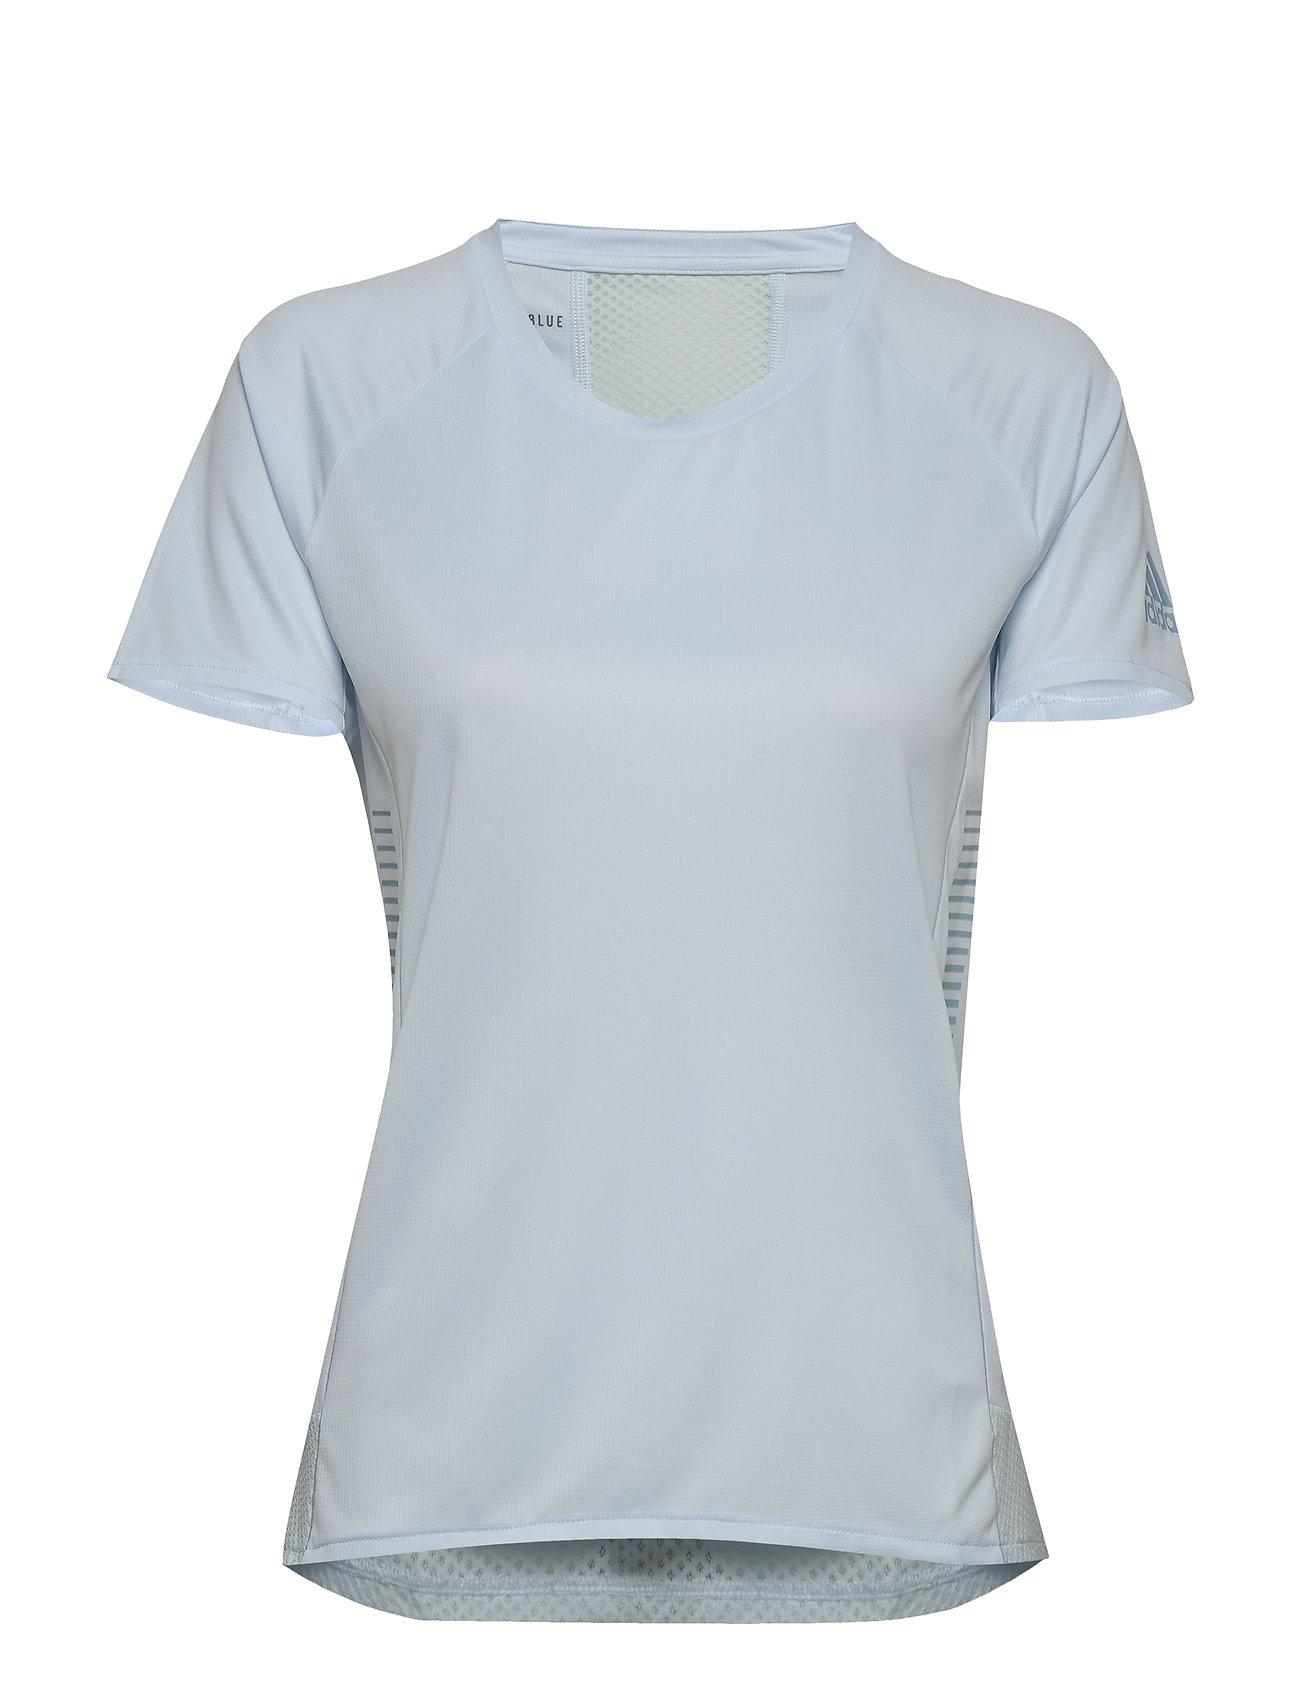 Image of 25/7 Tee Women T-shirt Top Blå Adidas Performance (3406255527)